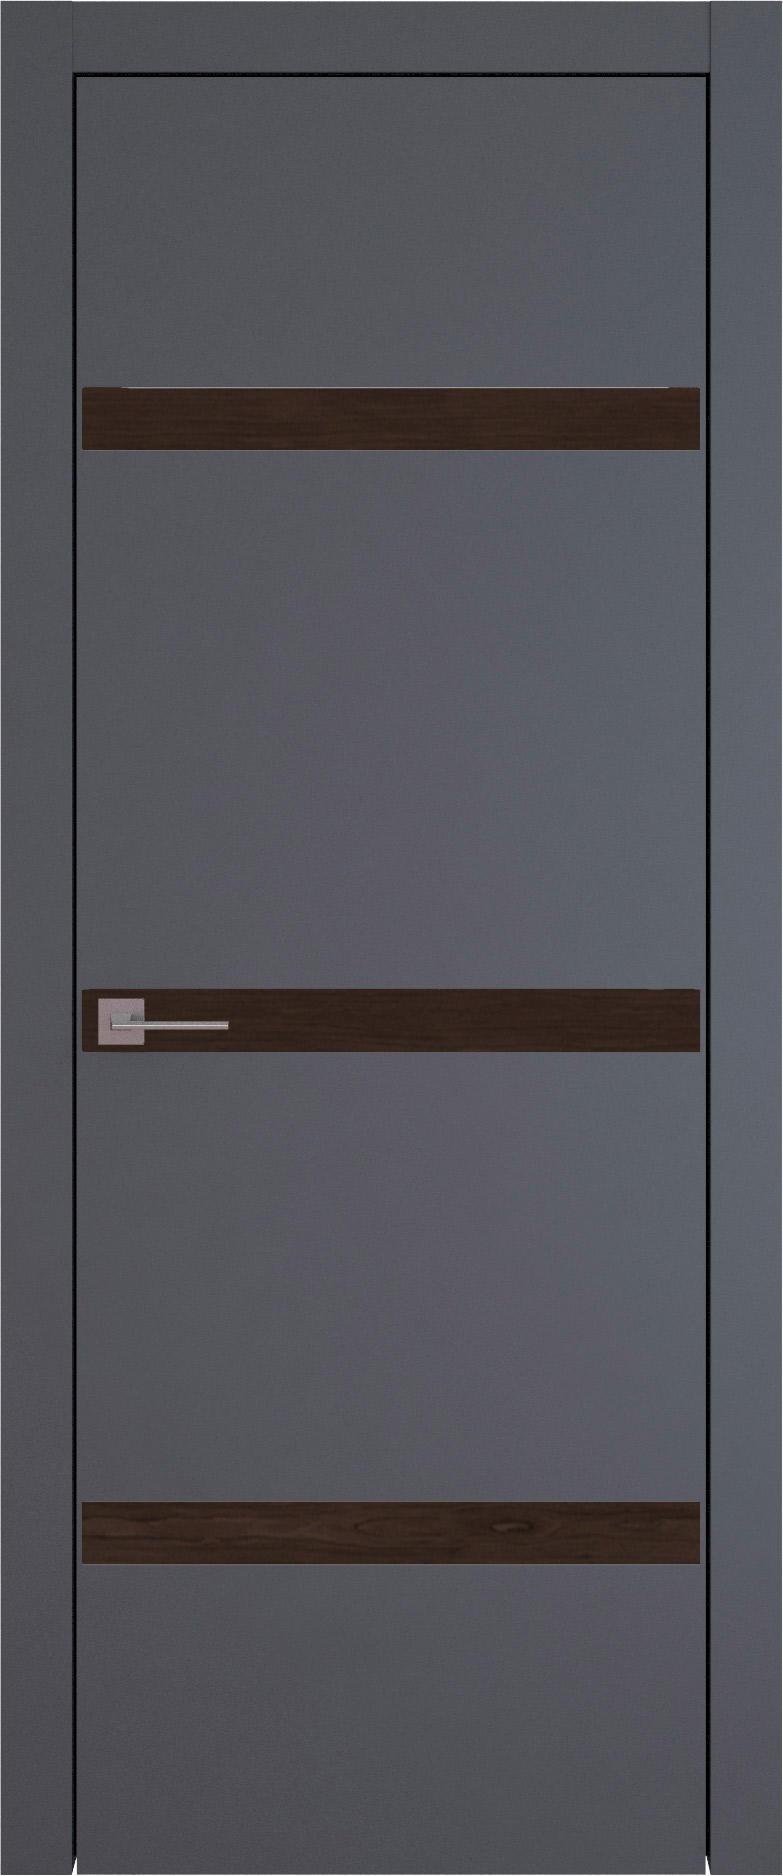 Tivoli Г-4 цвет - Графитово-серая эмаль (RAL 7024) Без стекла (ДГ)